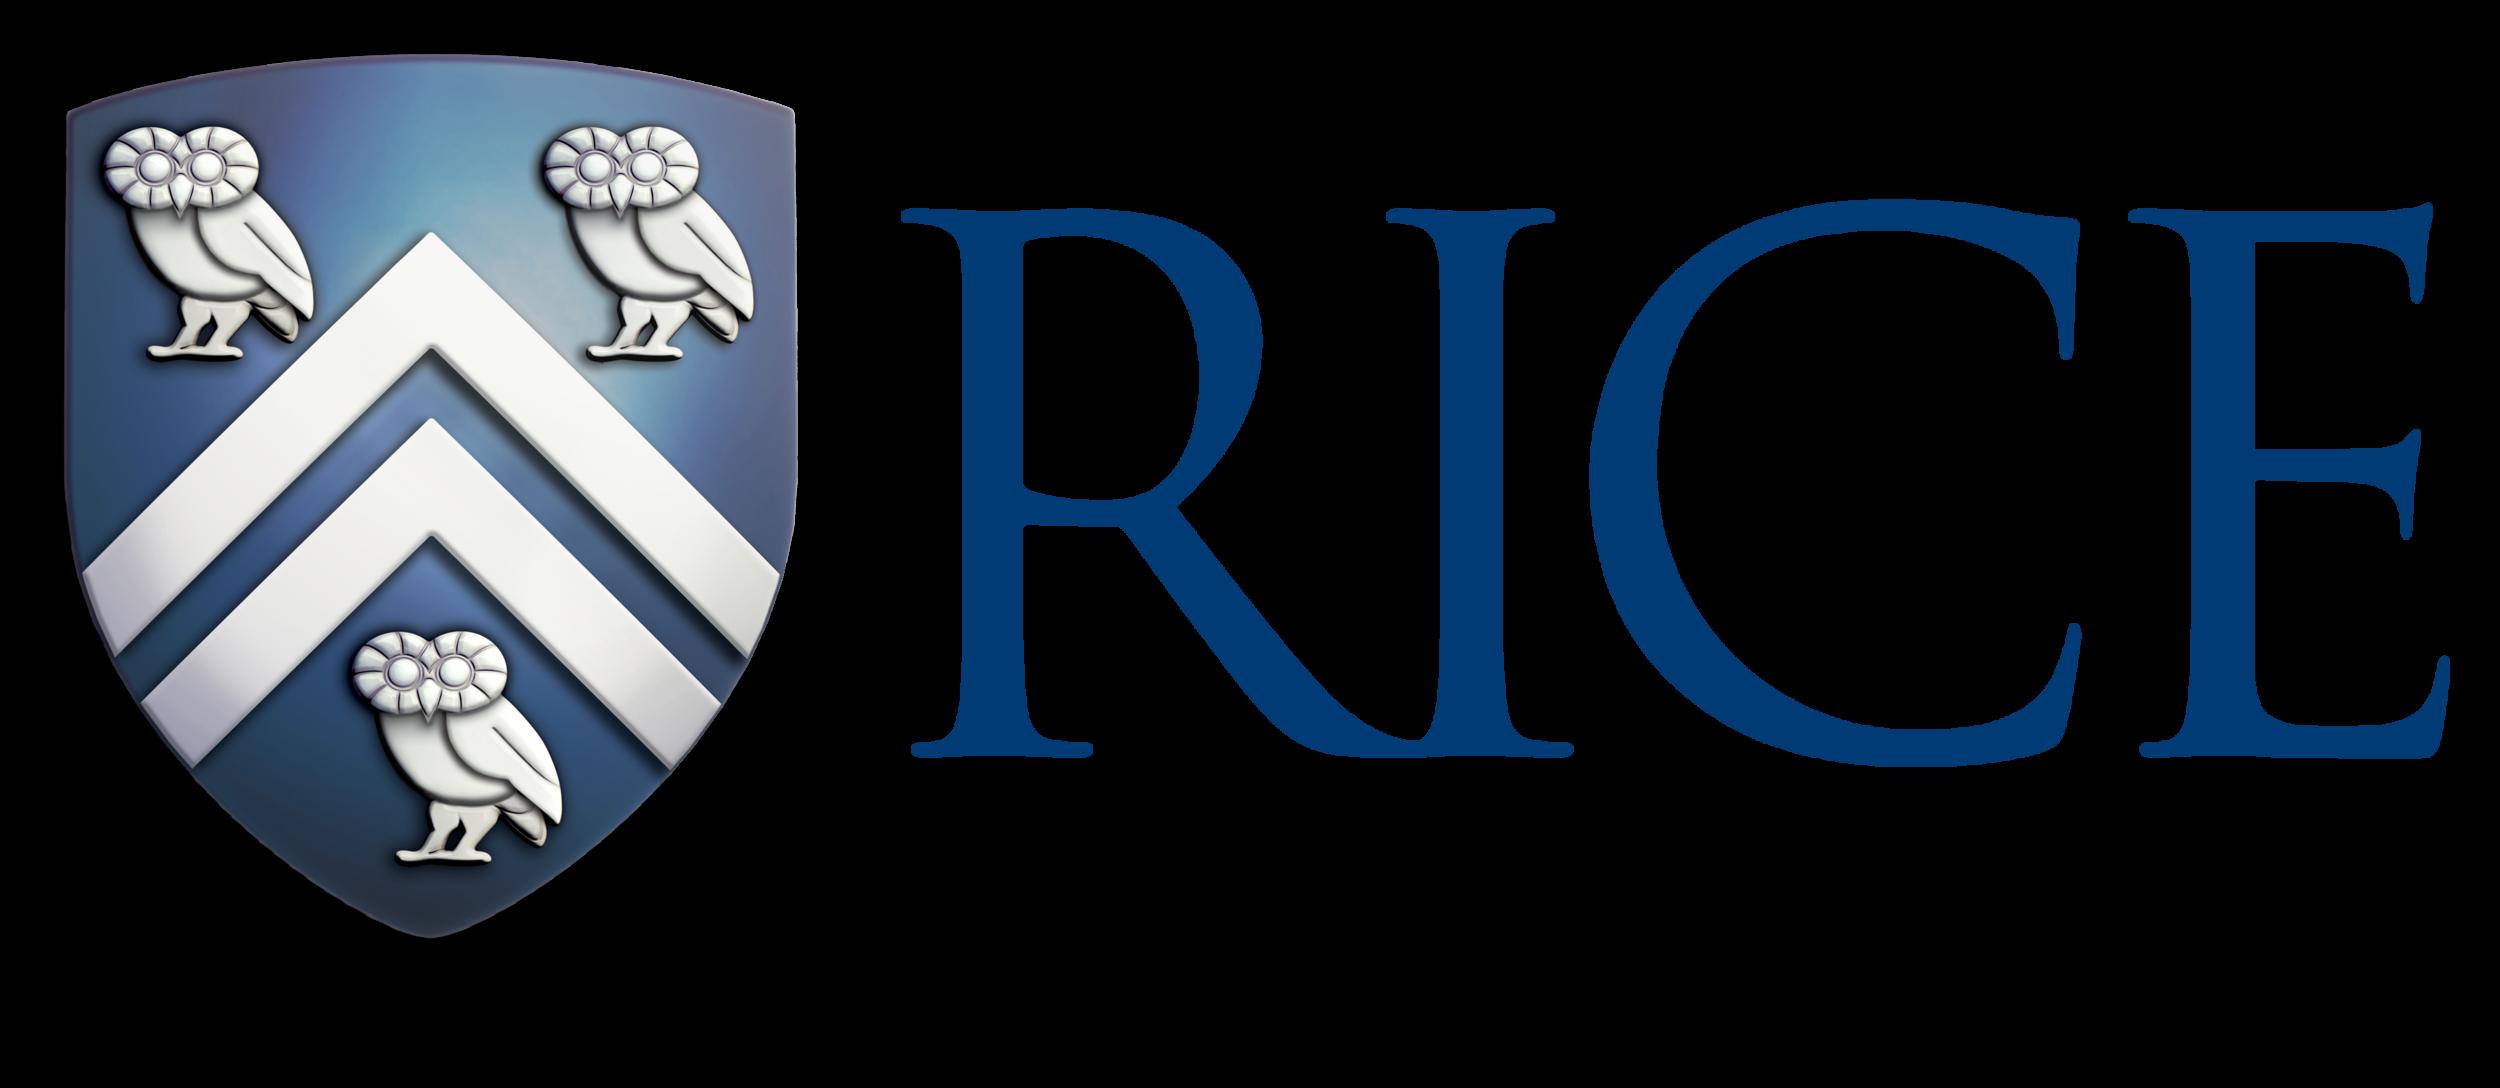 Ricelogo